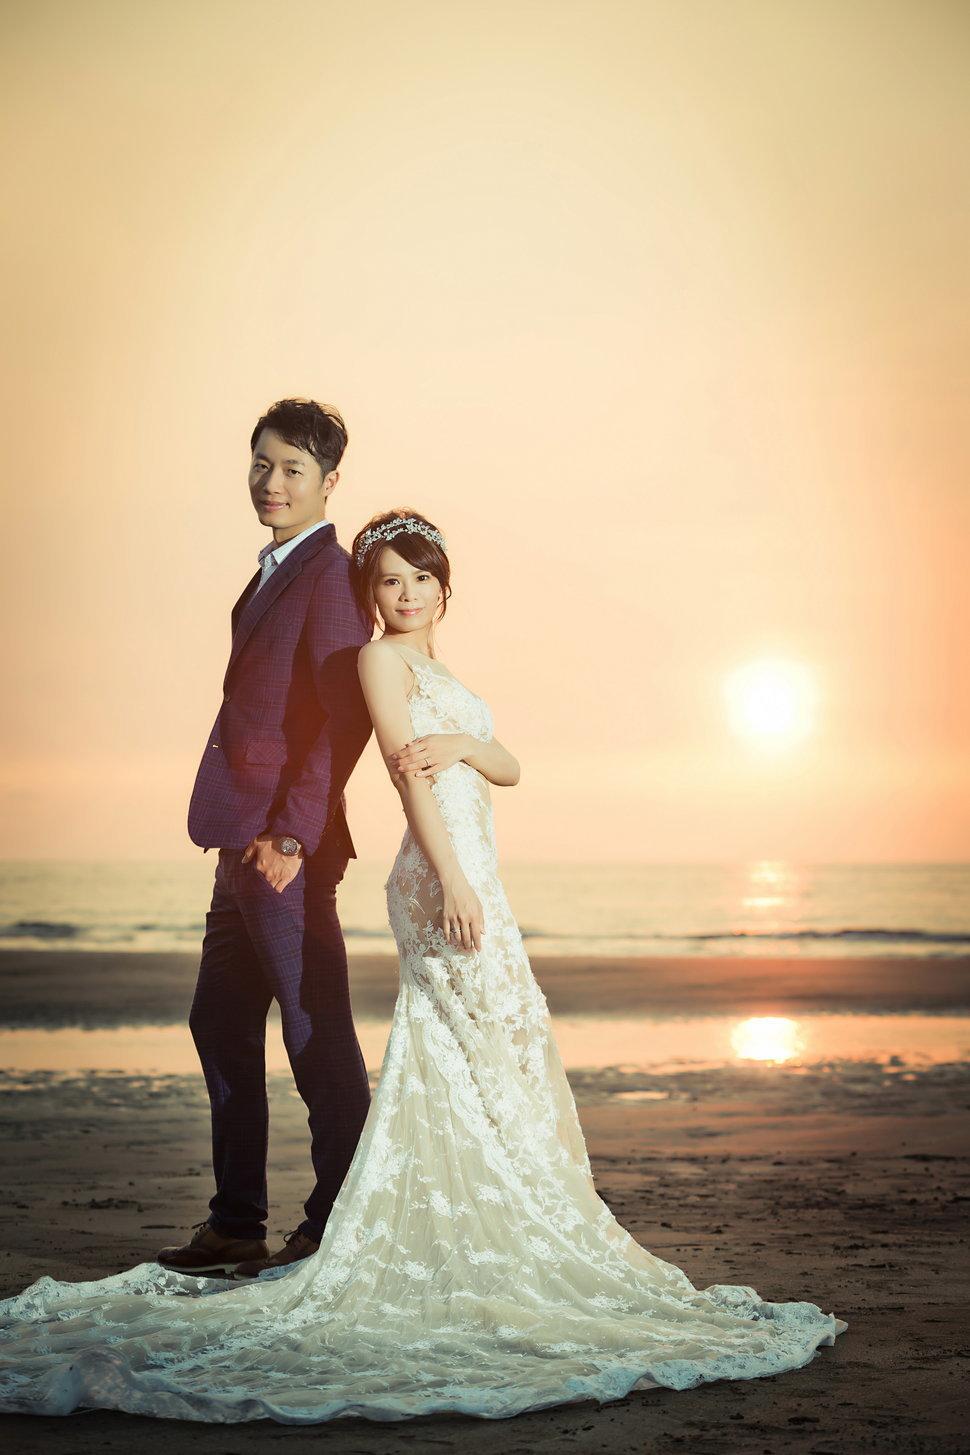 熟悉的角落 是最美麗的風景  希臘婚禮  新人分享 智&芸(編號:423761) - 希臘婚禮  婚紗  攝影 - 結婚吧一站式婚禮服務平台